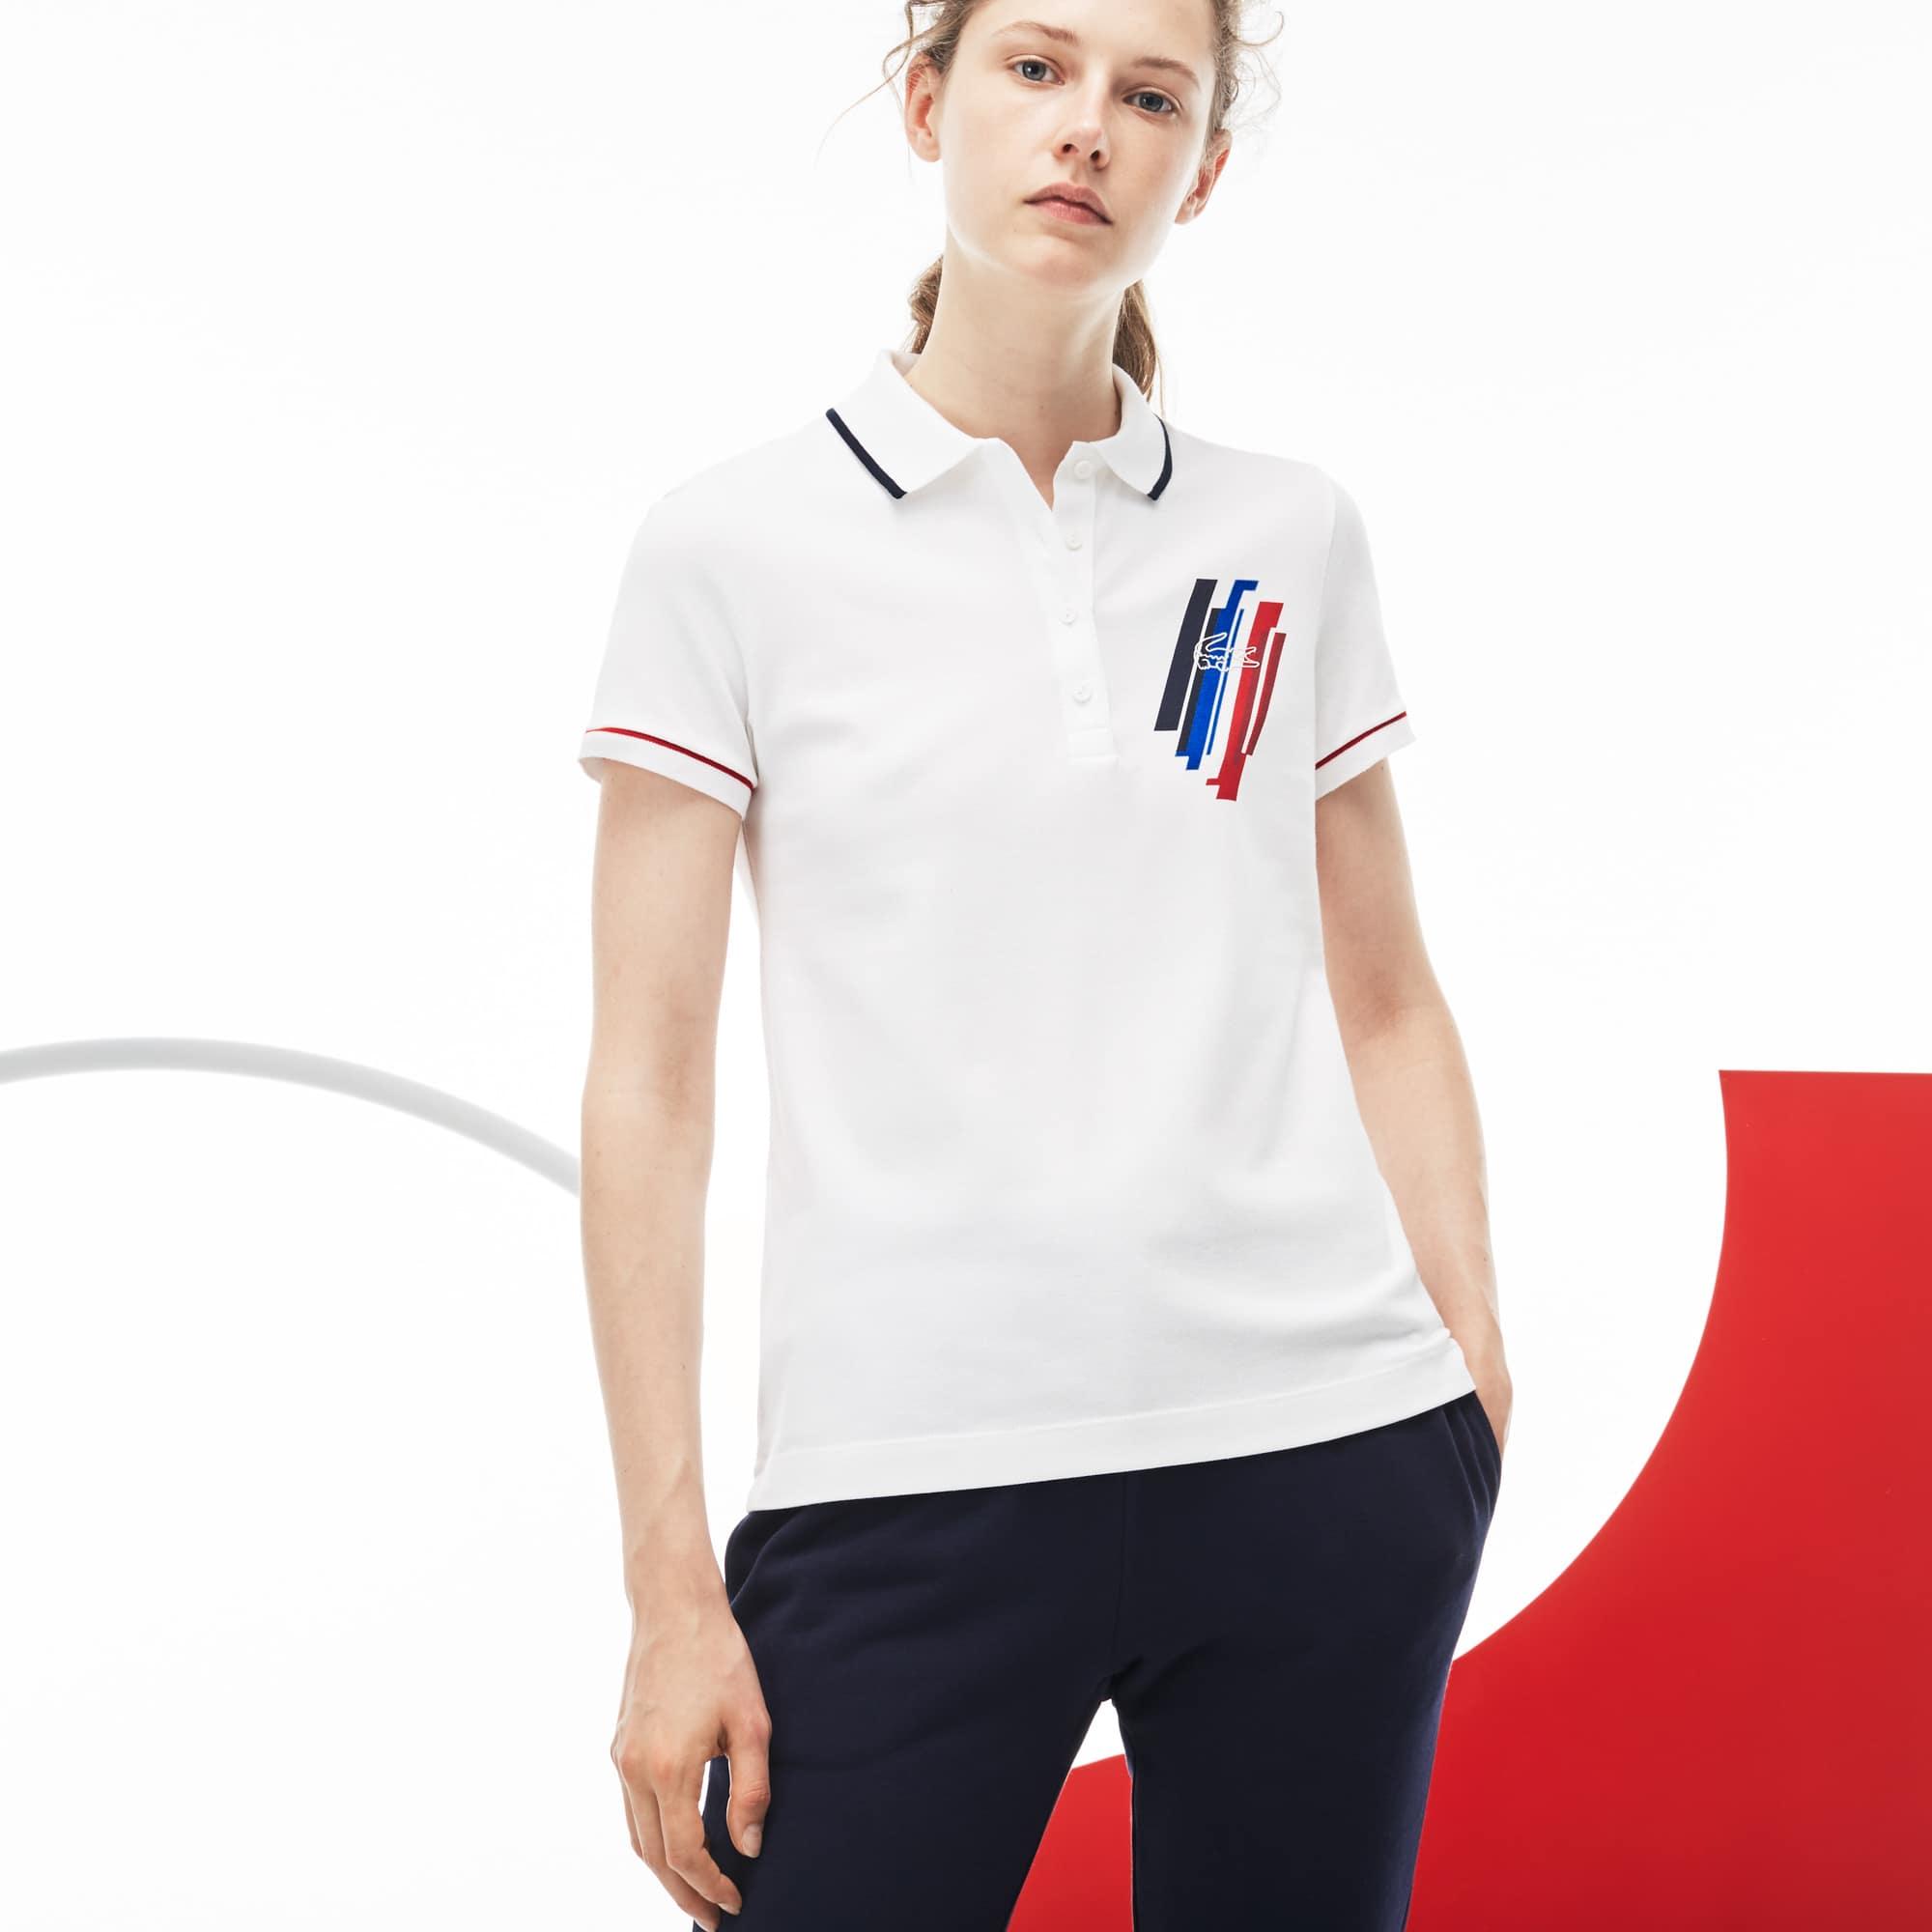 بولو Lacoste Sport نسائي بألوان متنوعة من مجموعة ثلاثية الألوان من قماش بيكيه قابل للمط